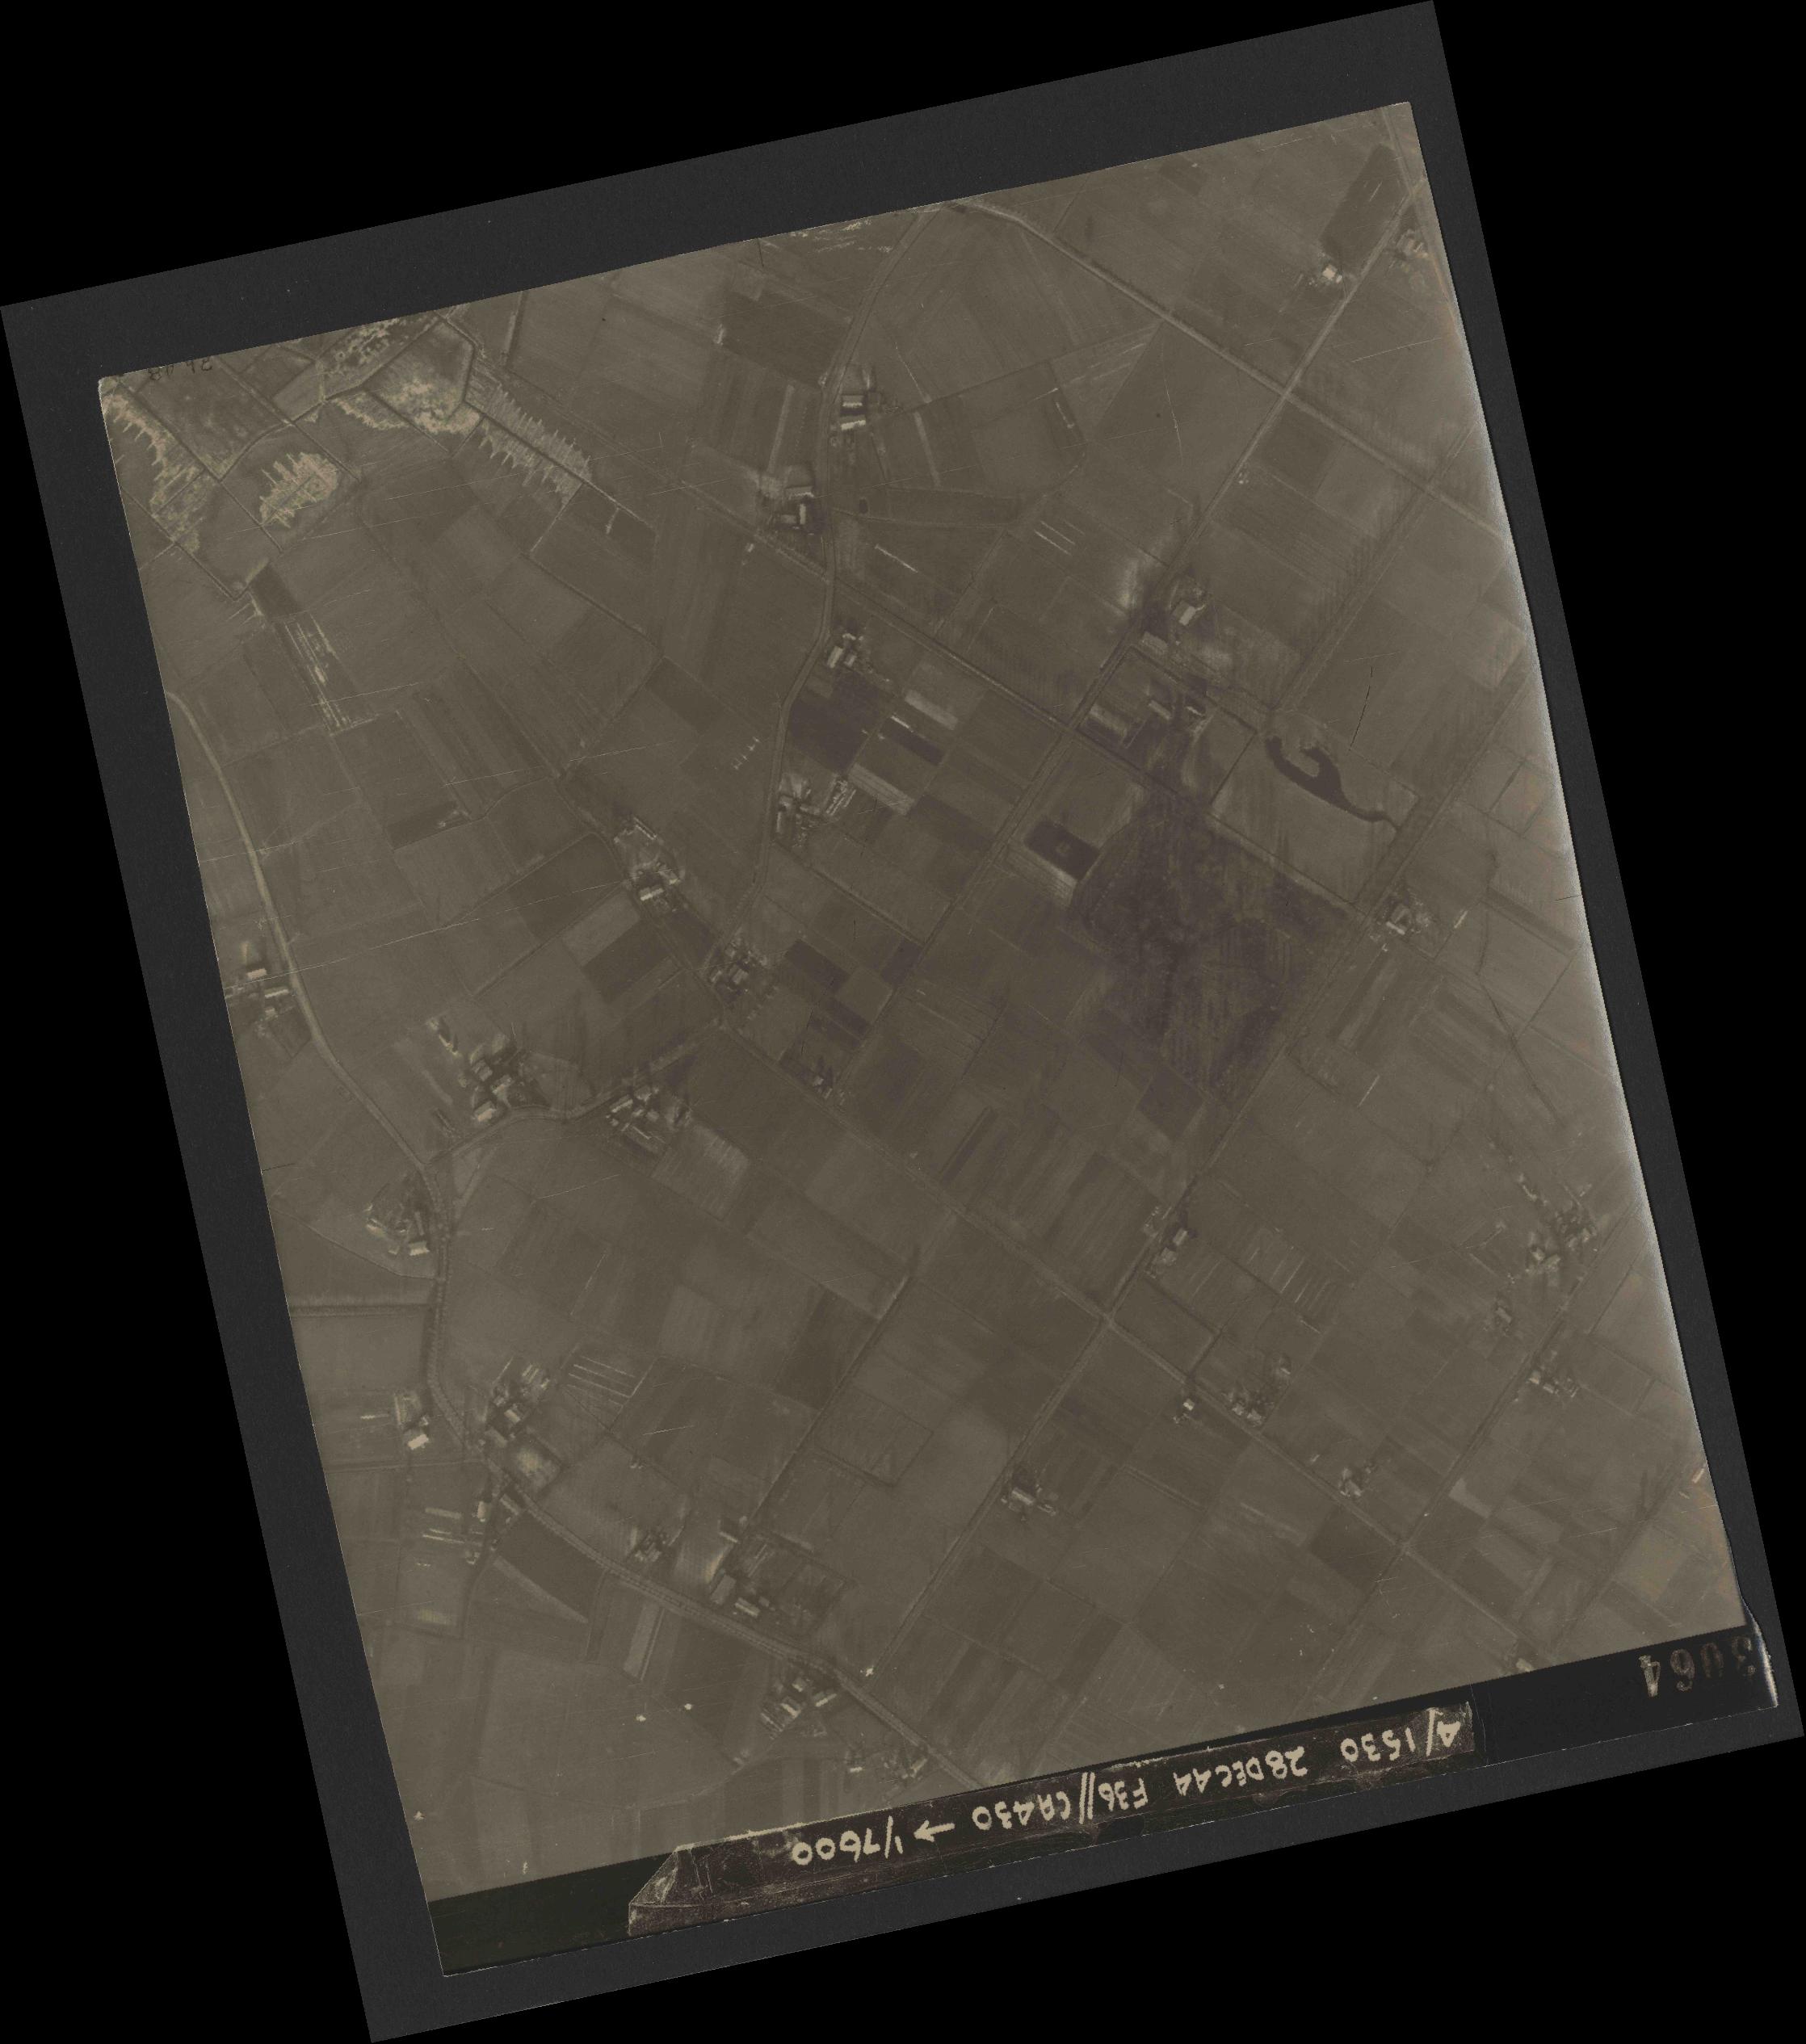 Collection RAF aerial photos 1940-1945 - flight 050, run 06, photo 3064